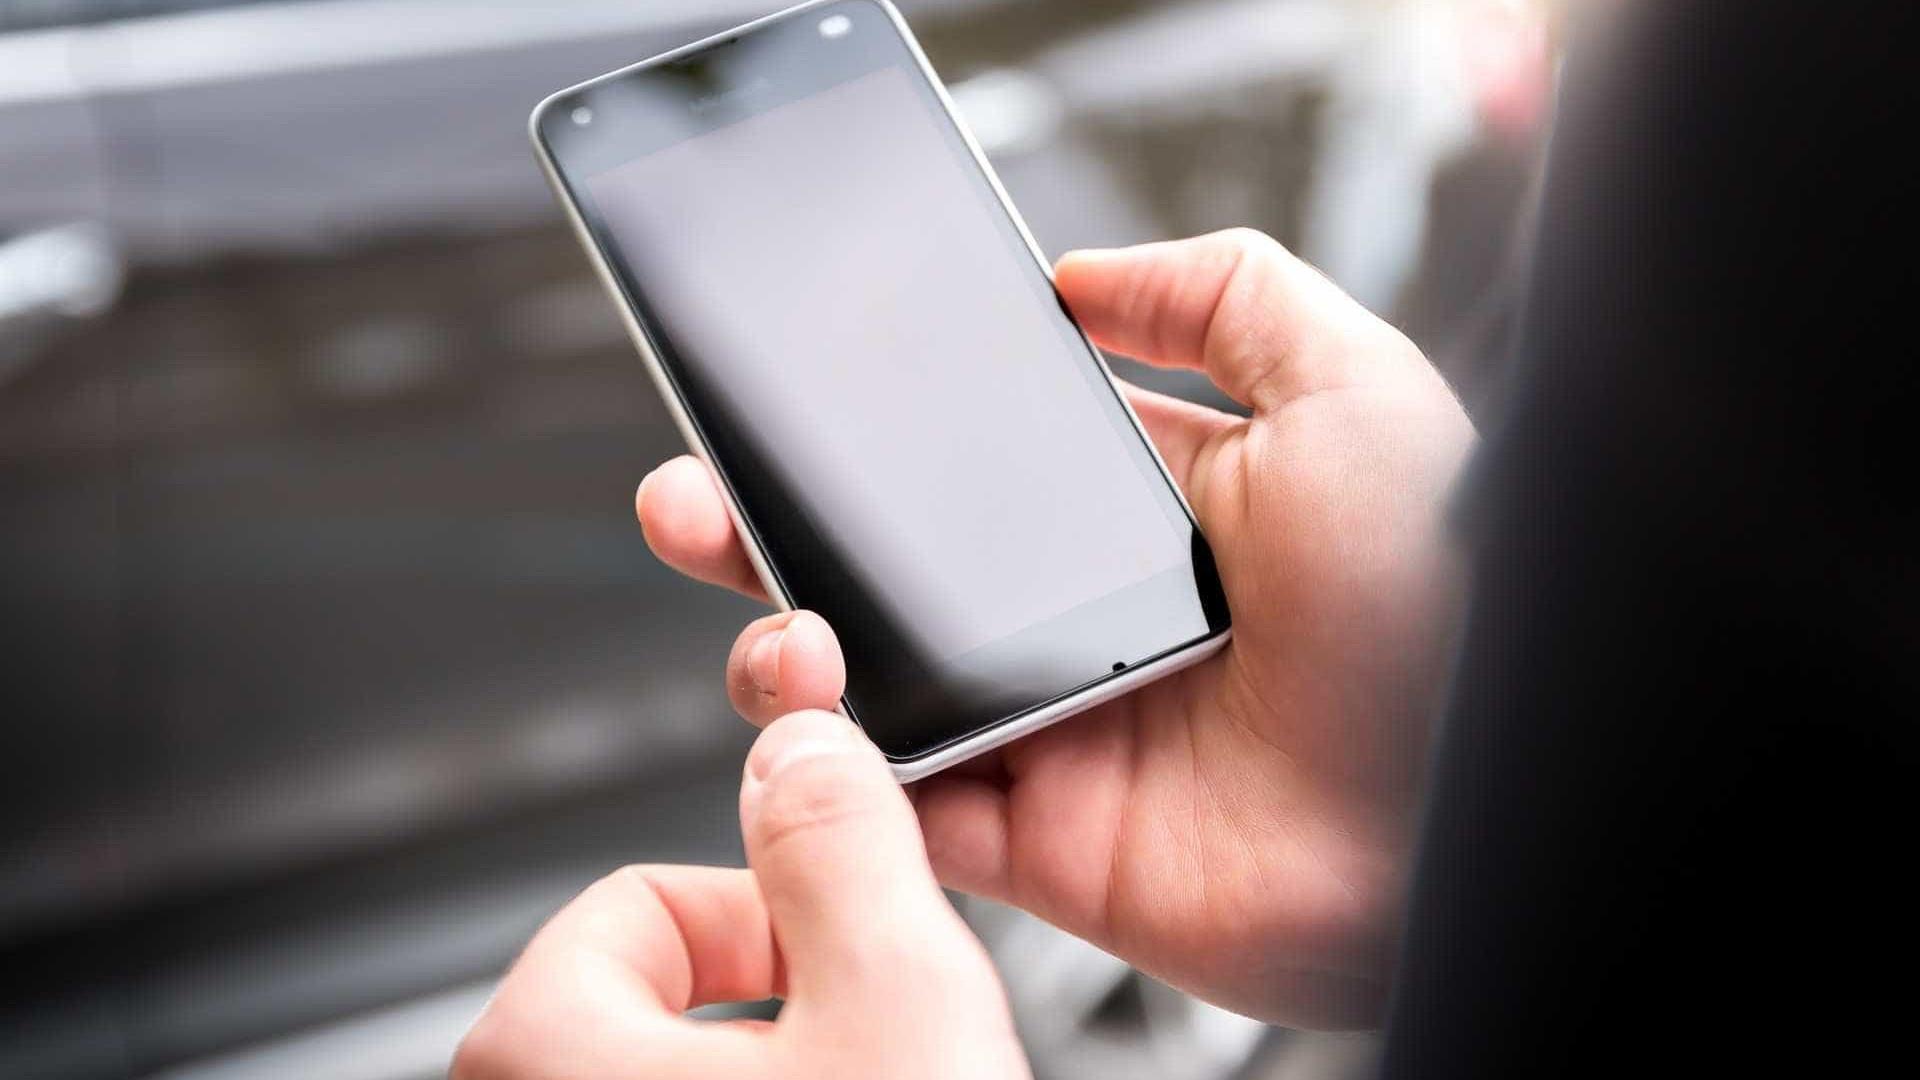 Botões de emergência em postes e celulares facilitam pedidos de socorro